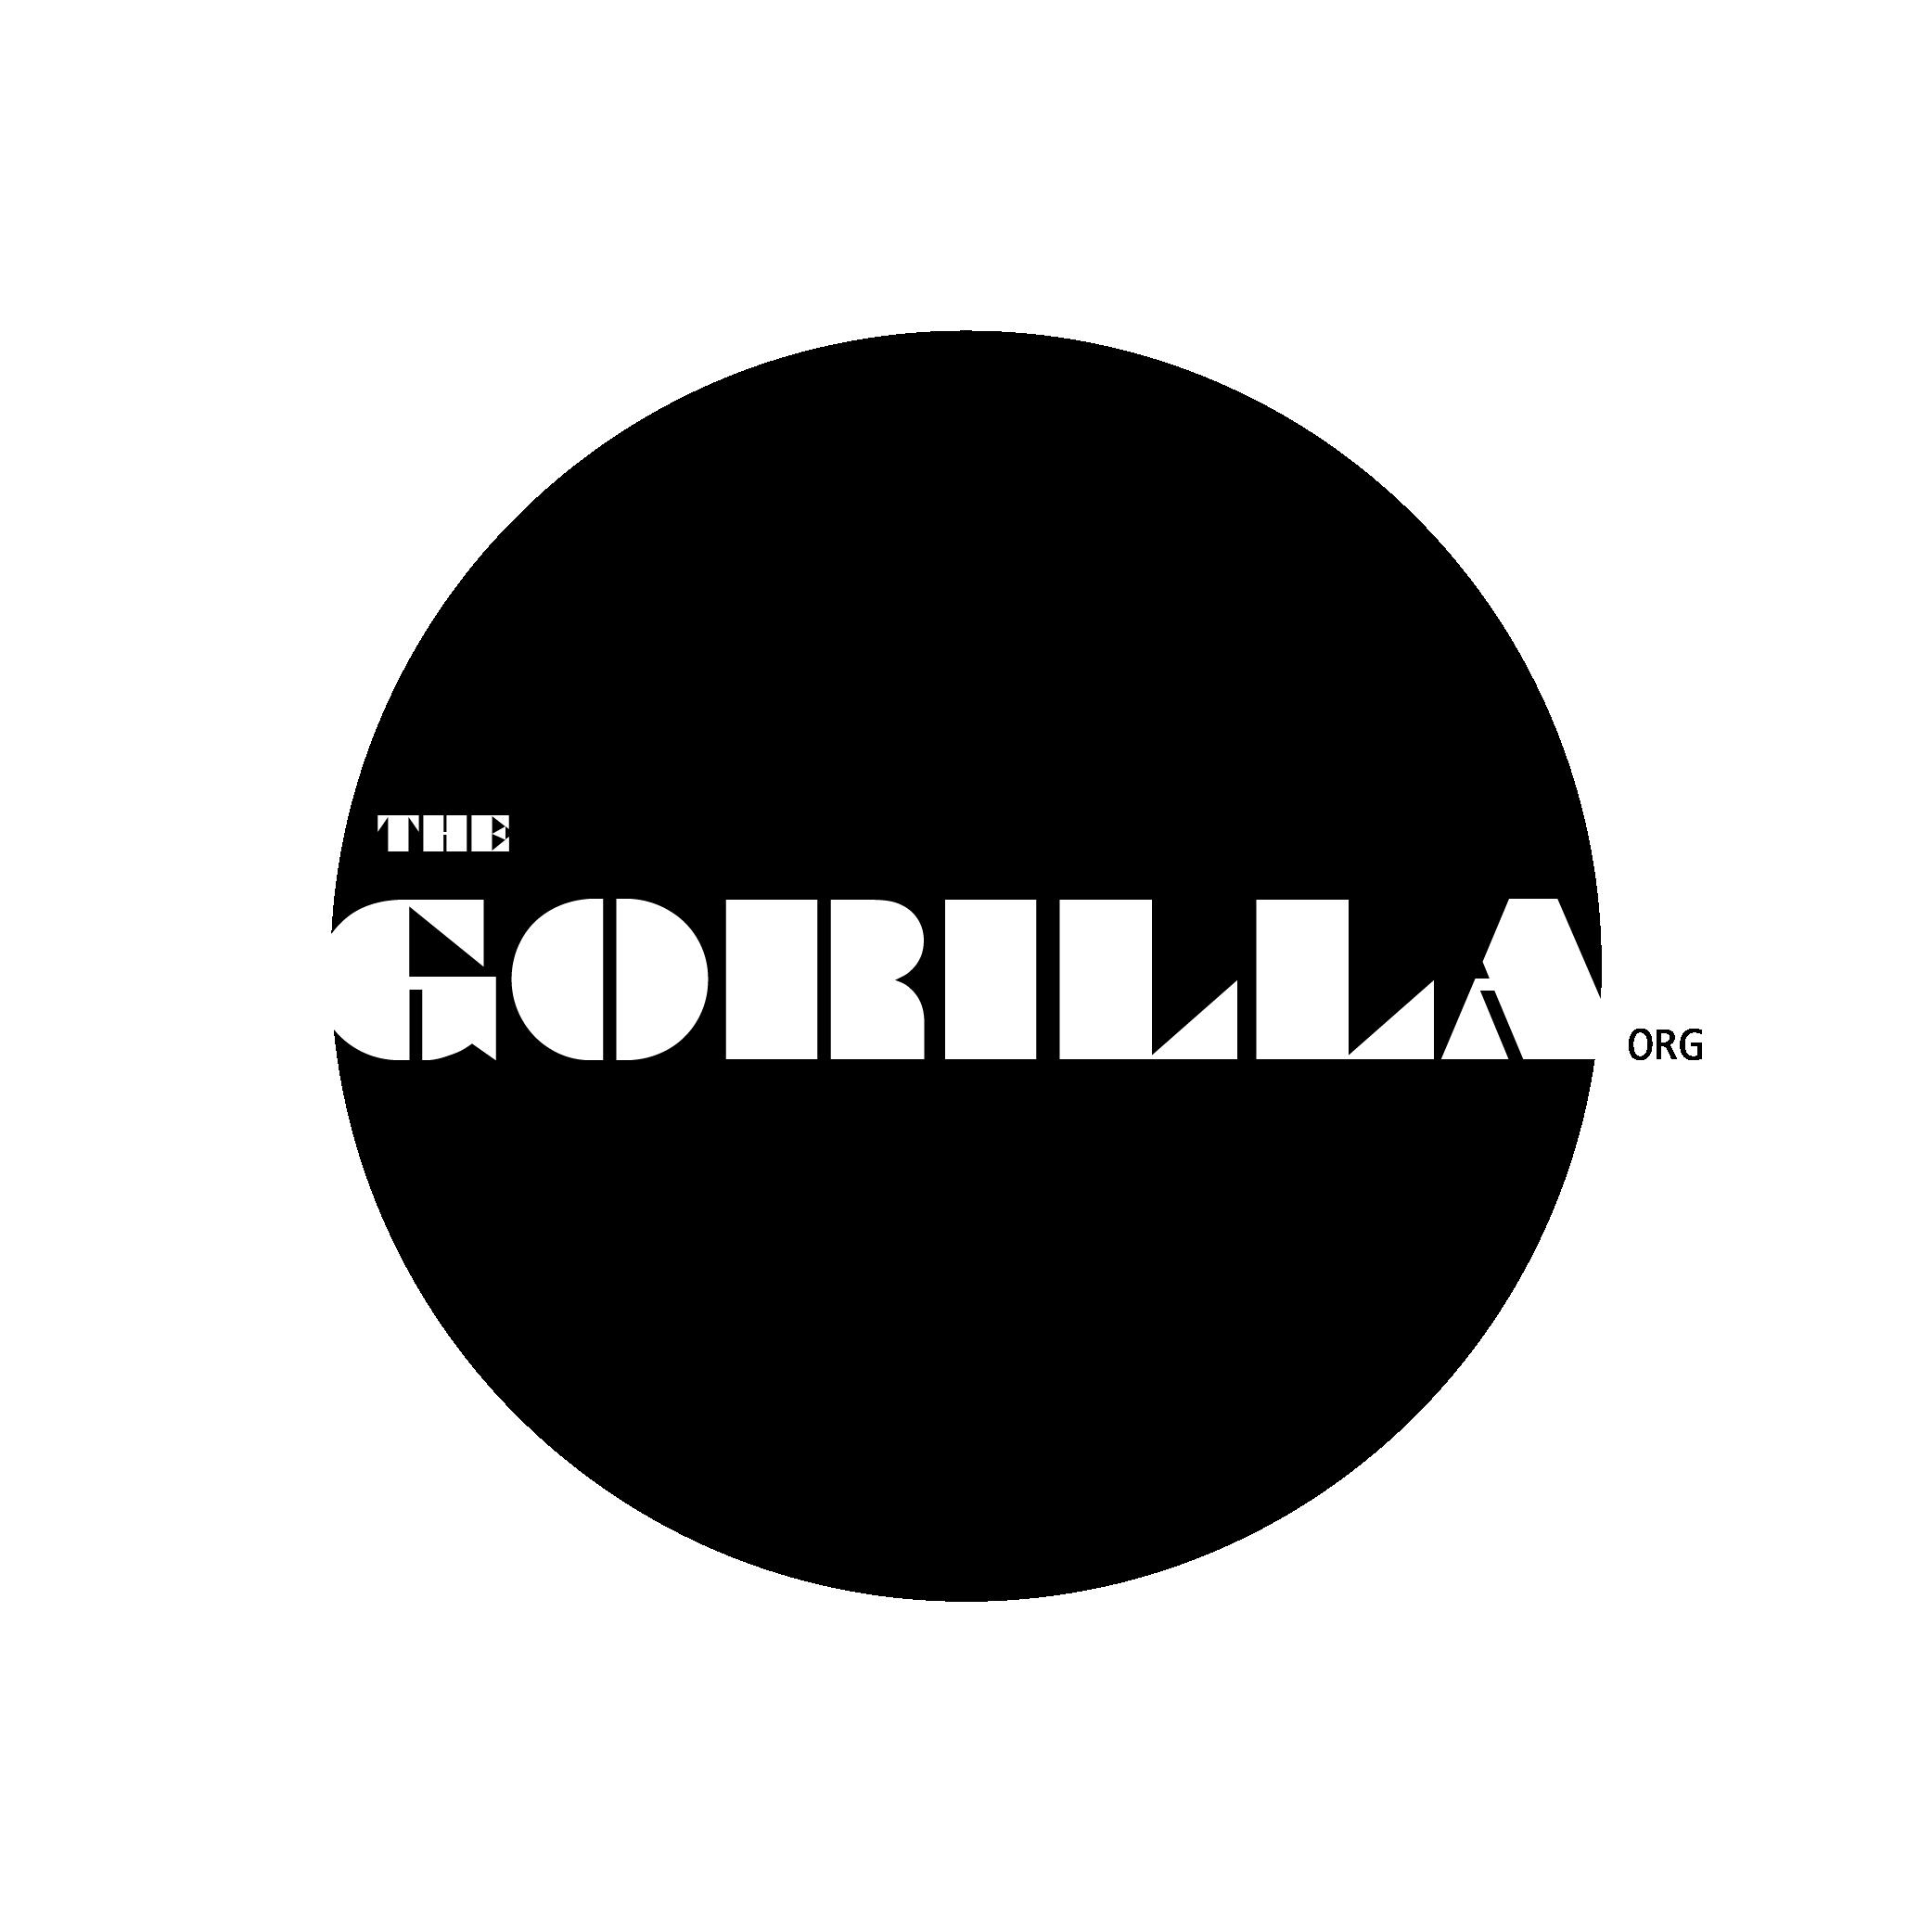 Spotthegorilla.org